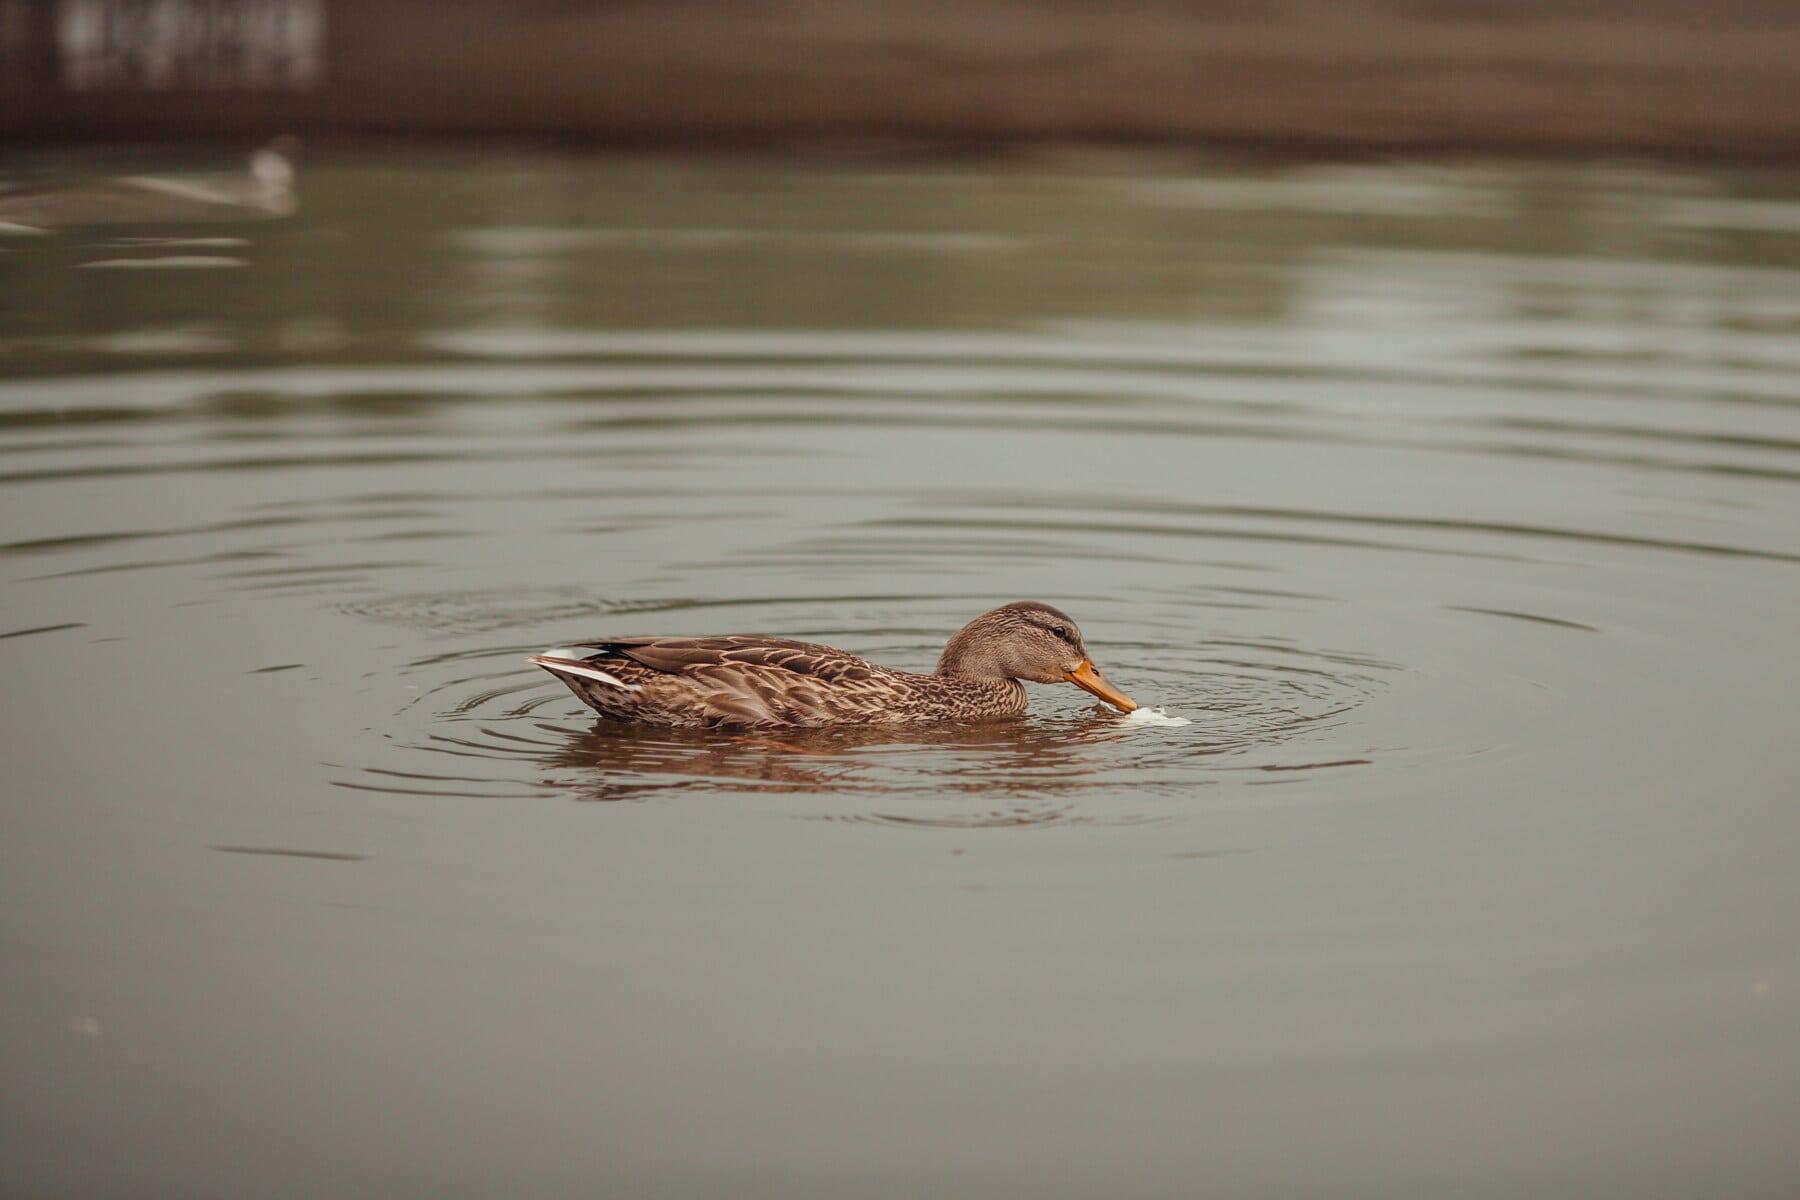 oiseaux de rivage, Lac, canard, sauvagine, faune, oiseau échassier, eau, oiseau, piscine, rivière